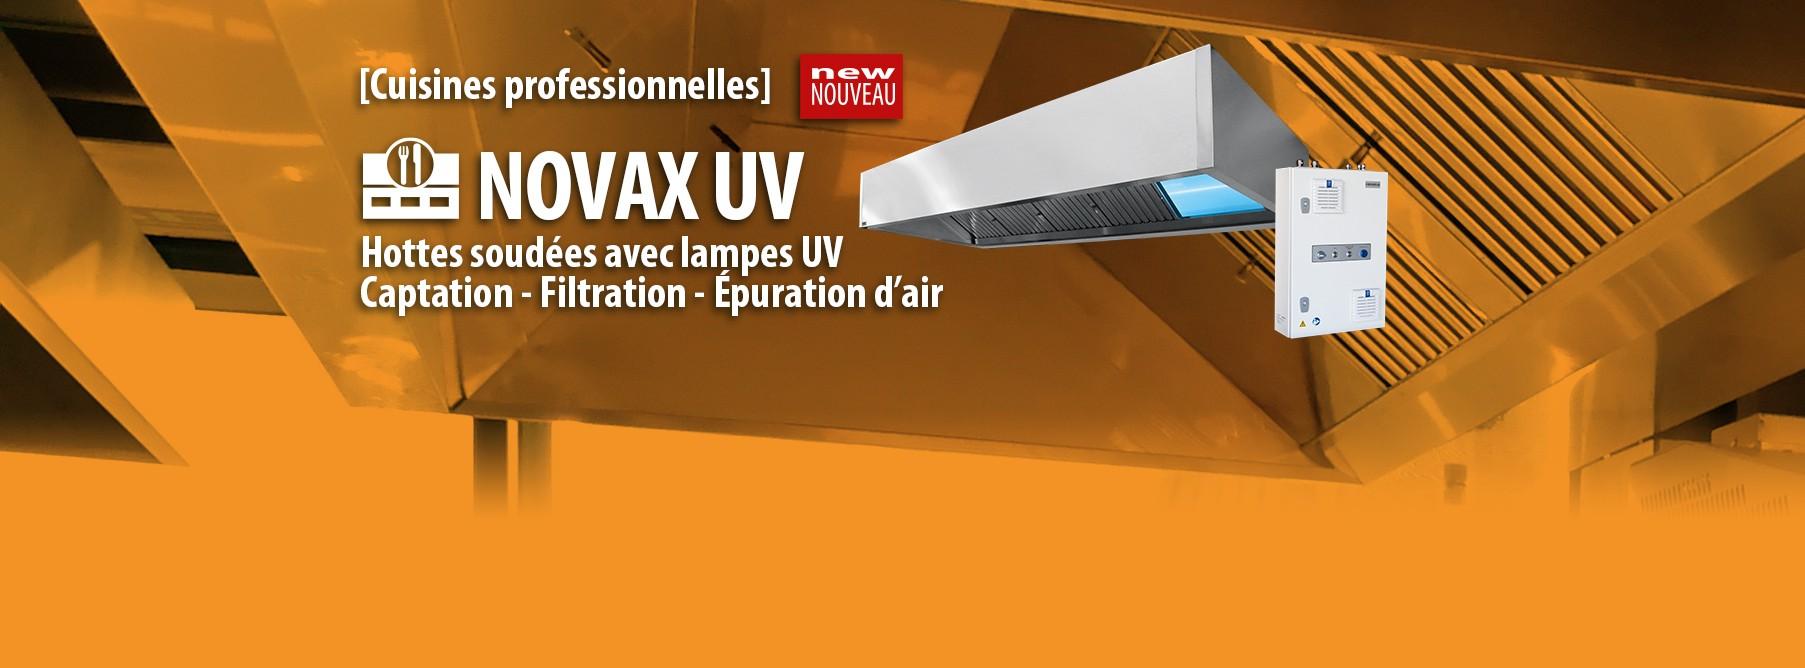 Hottes soudées avec lampes UV